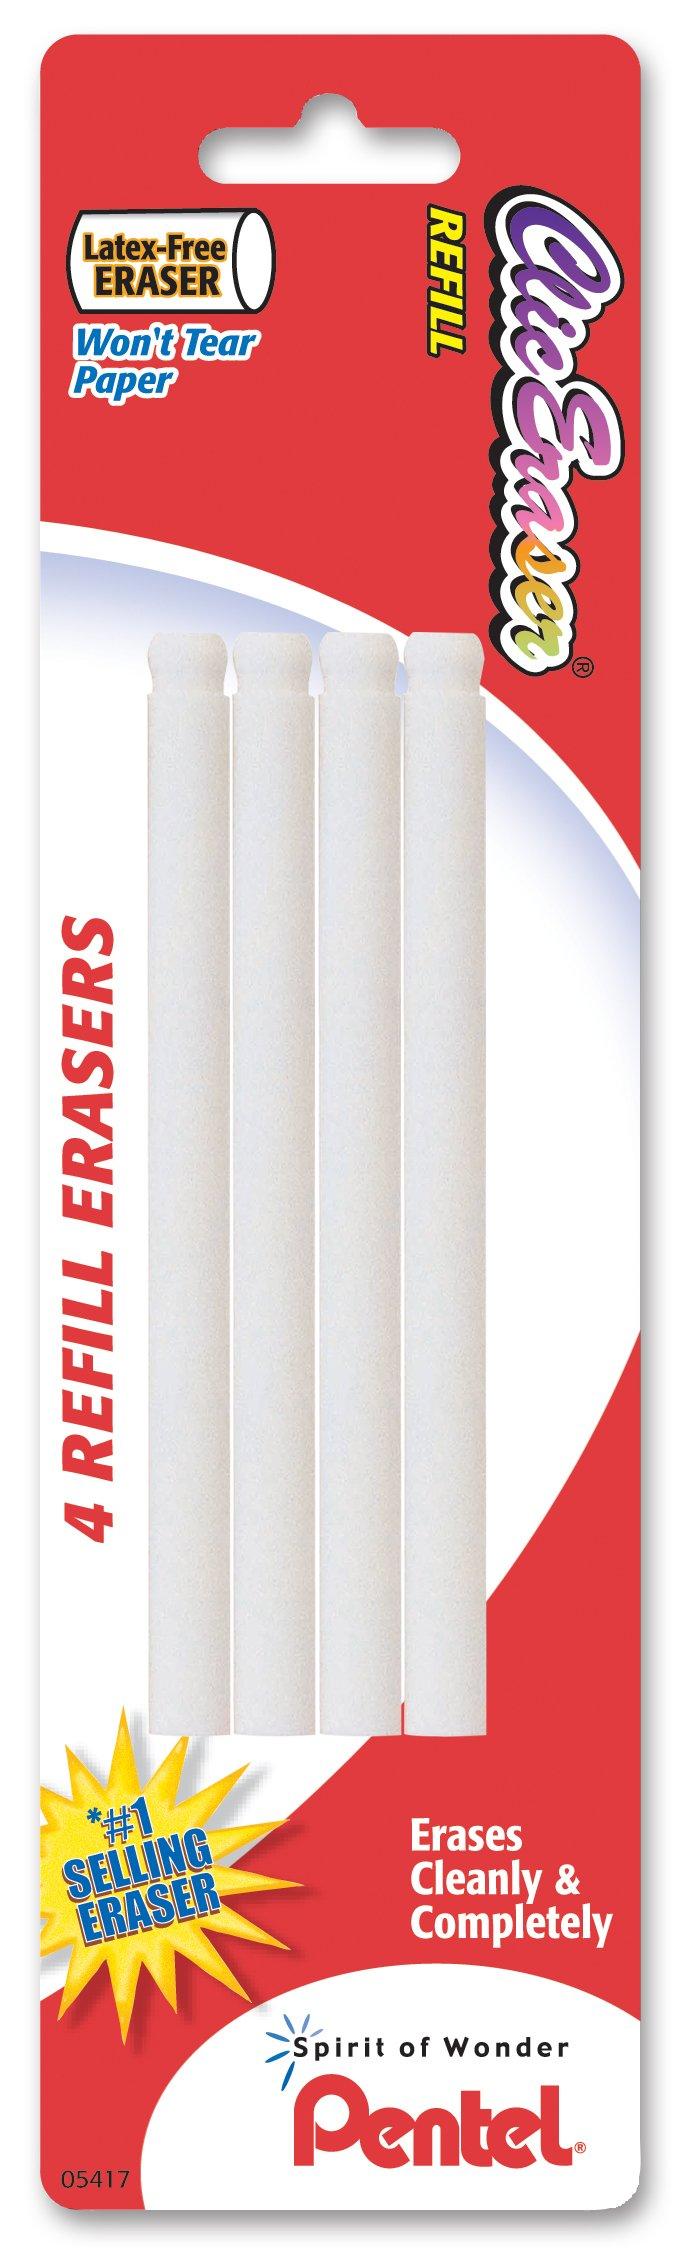 Pentel Refill Eraser for Clic Eraser, Pack of 4 (ZERBP4-K6)